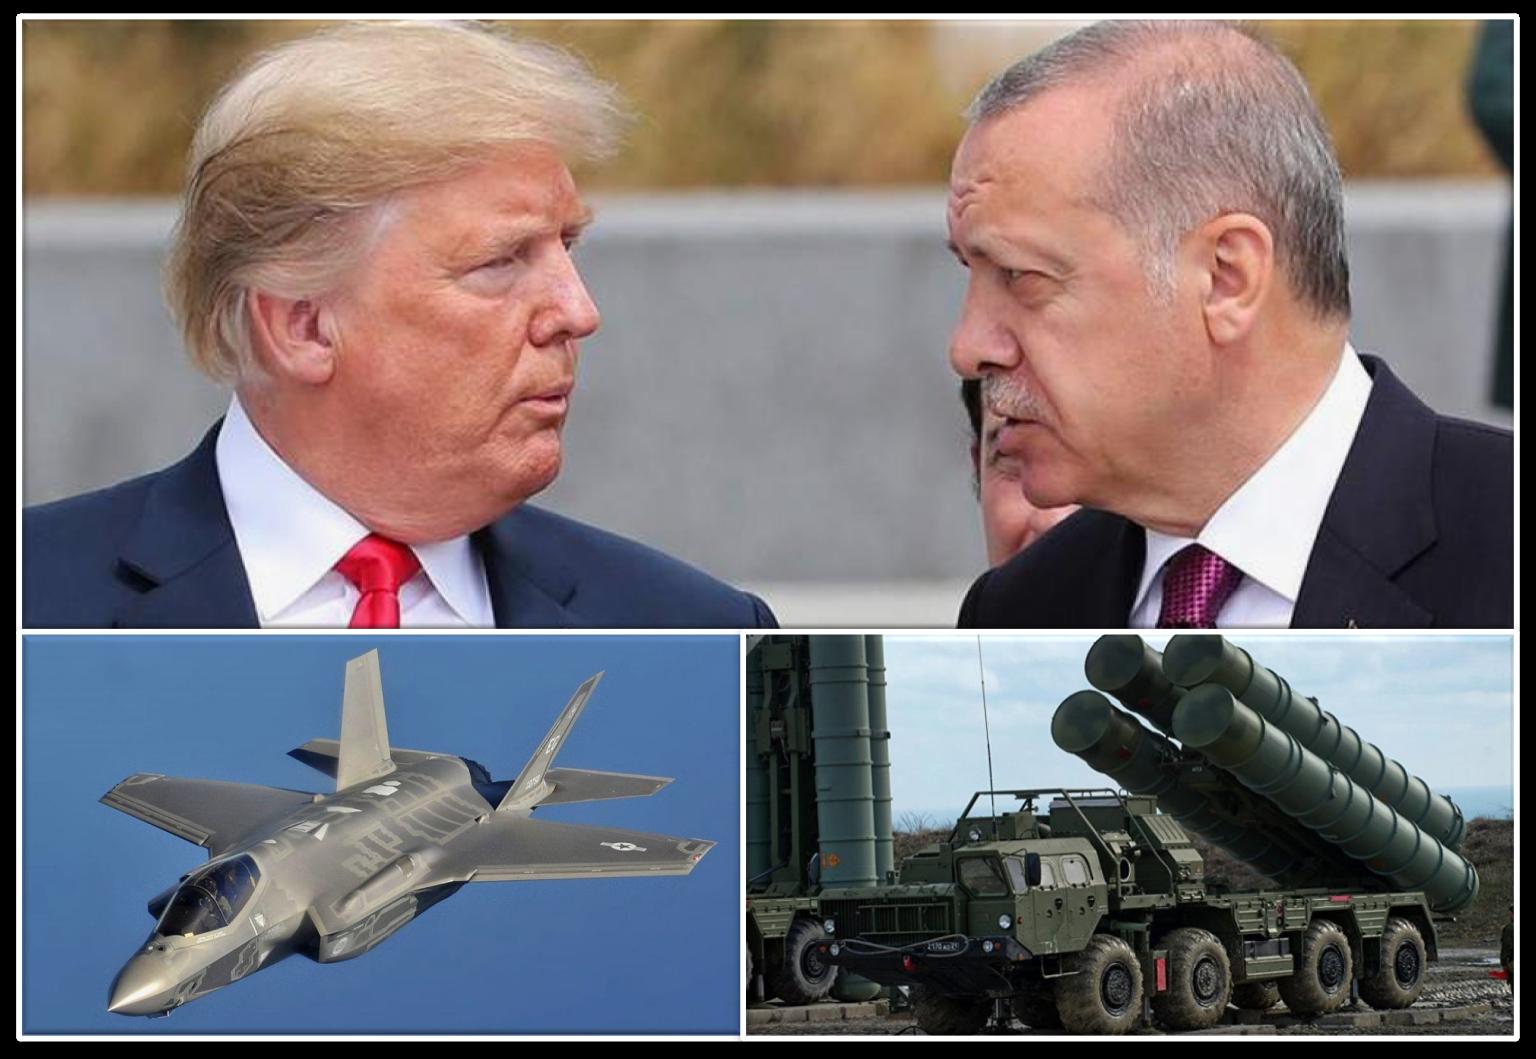 Ο Ερντογάν εξαπάτησε τον Ντ. Τραμπ: Άλλα συμφώνησαν για τους S-400, και άλλα έκανε…